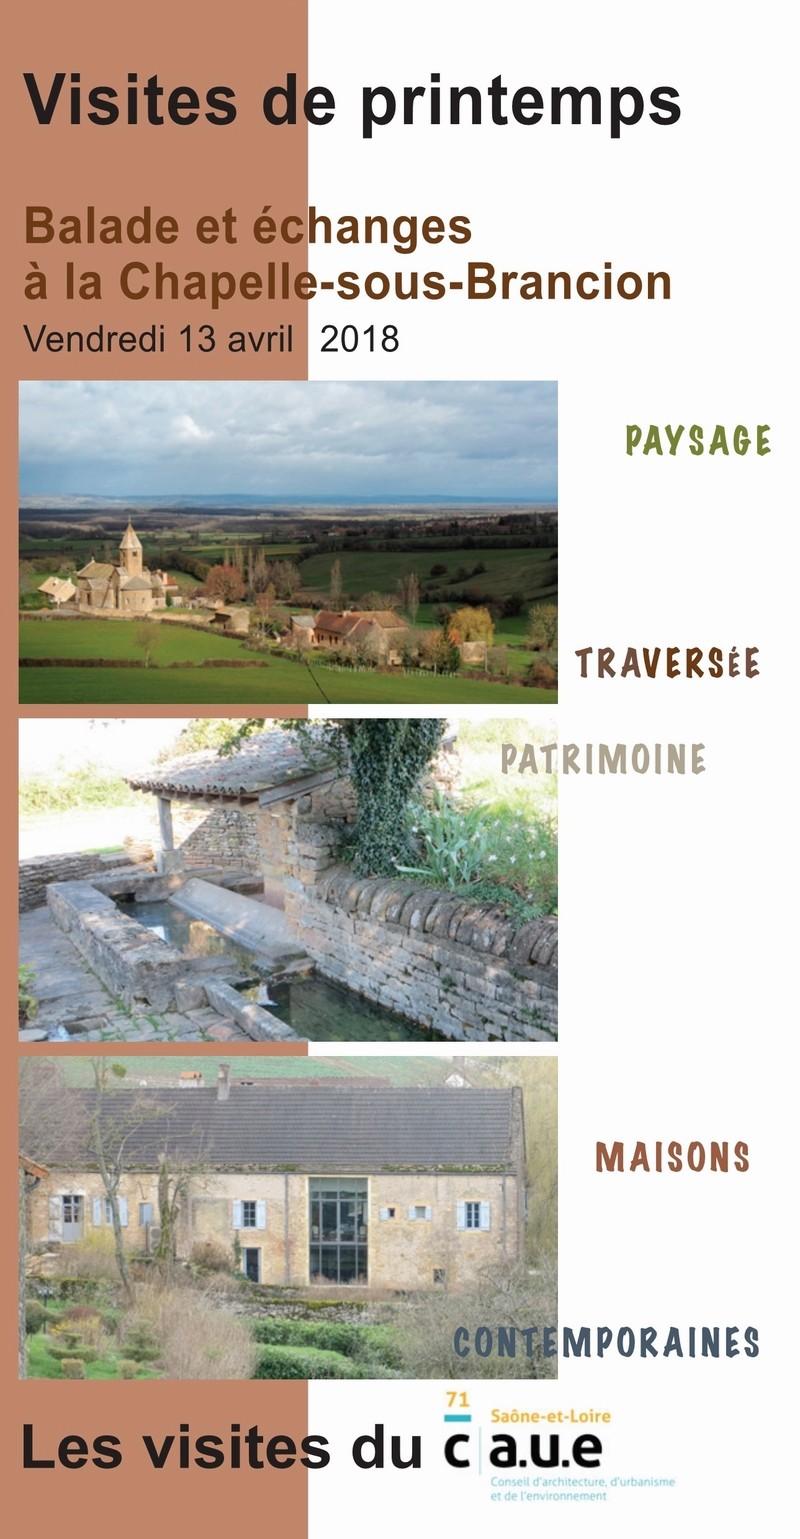 Visites de printemps Balade et échanges à la Chapelle-sous-Brancion 01_cop10